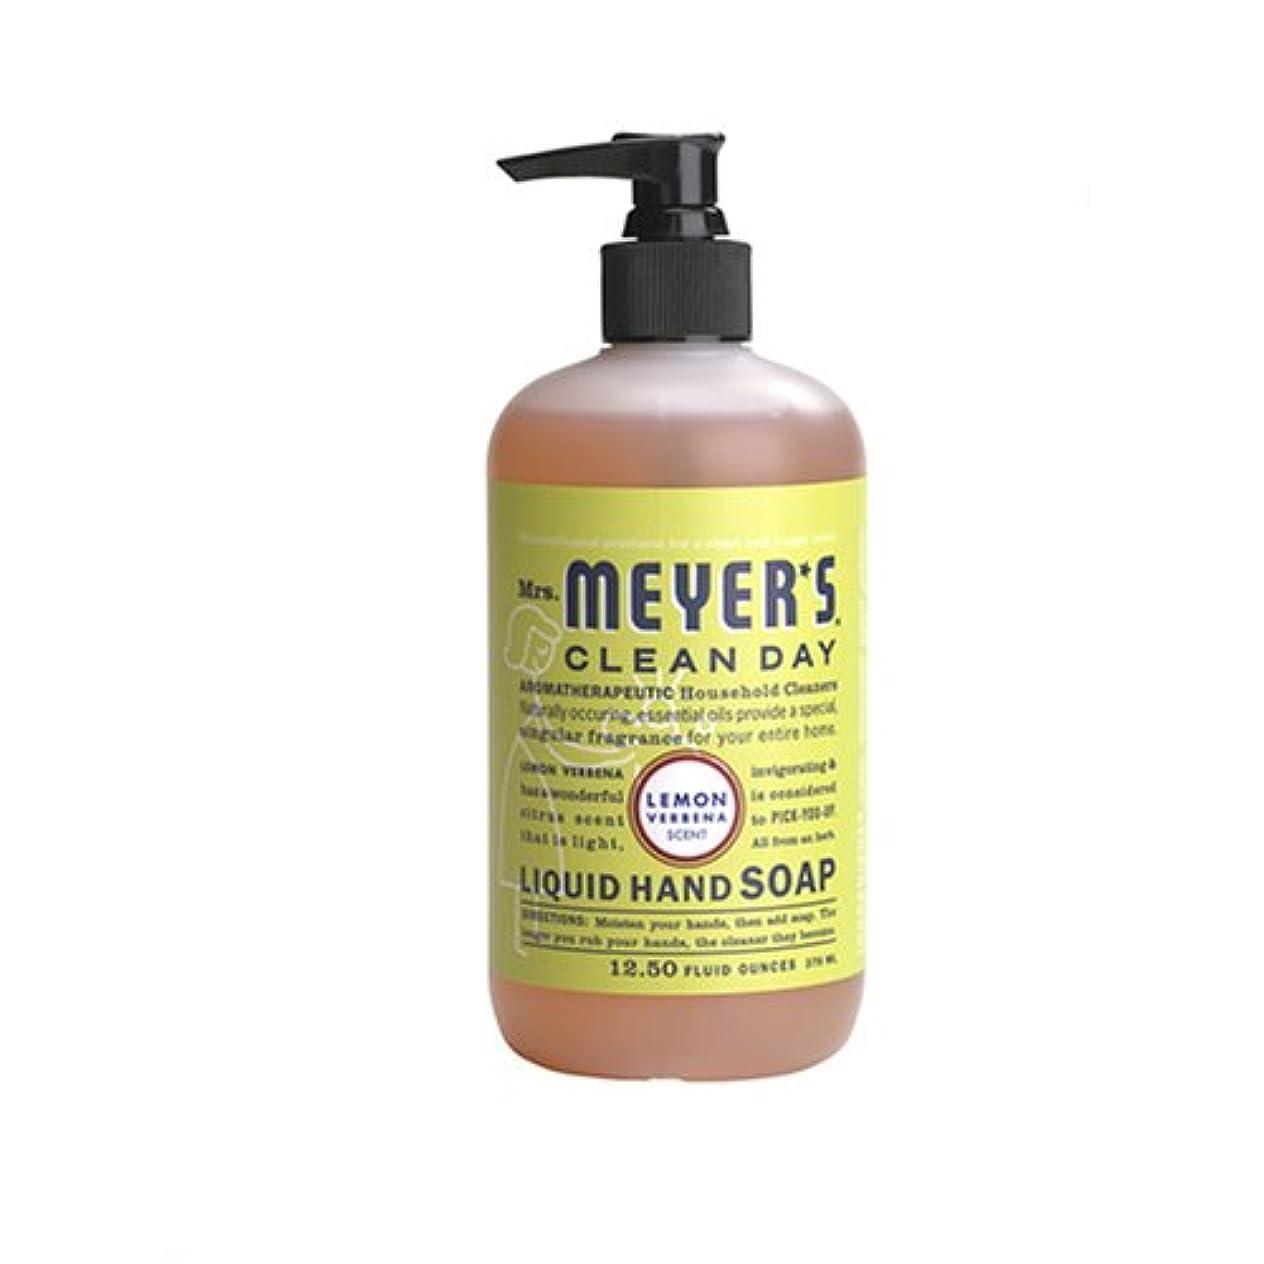 思春期のせがむ基礎理論Mrs. Meyers Clean Day, Liquid Hand Soap, Lemon Verbena Scent, 12.5 fl oz (370 ml)